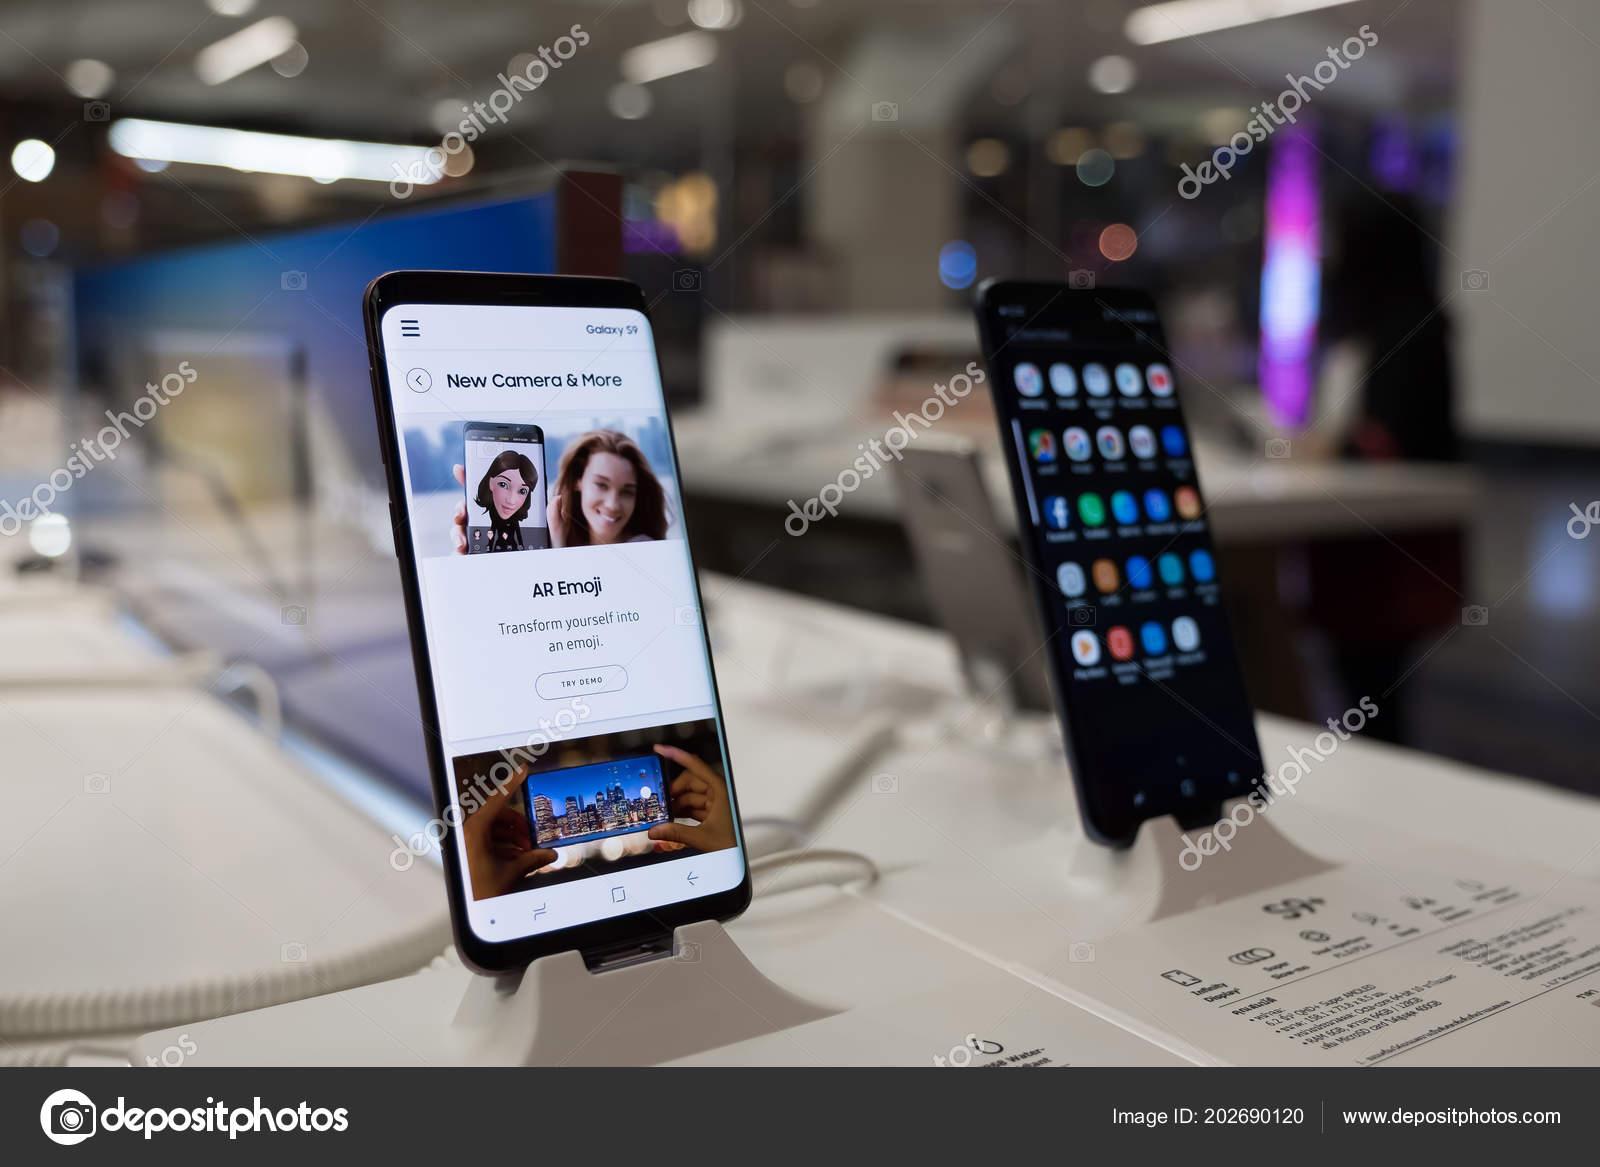 f00887bce3 Chiang Mai, Tailândia - 1 de março de 2018: Recentemente lançado Samsung  Galaxy S9 e S9 Plus Smartphone é exibido com função de Ar Emoji — Foto de  ...